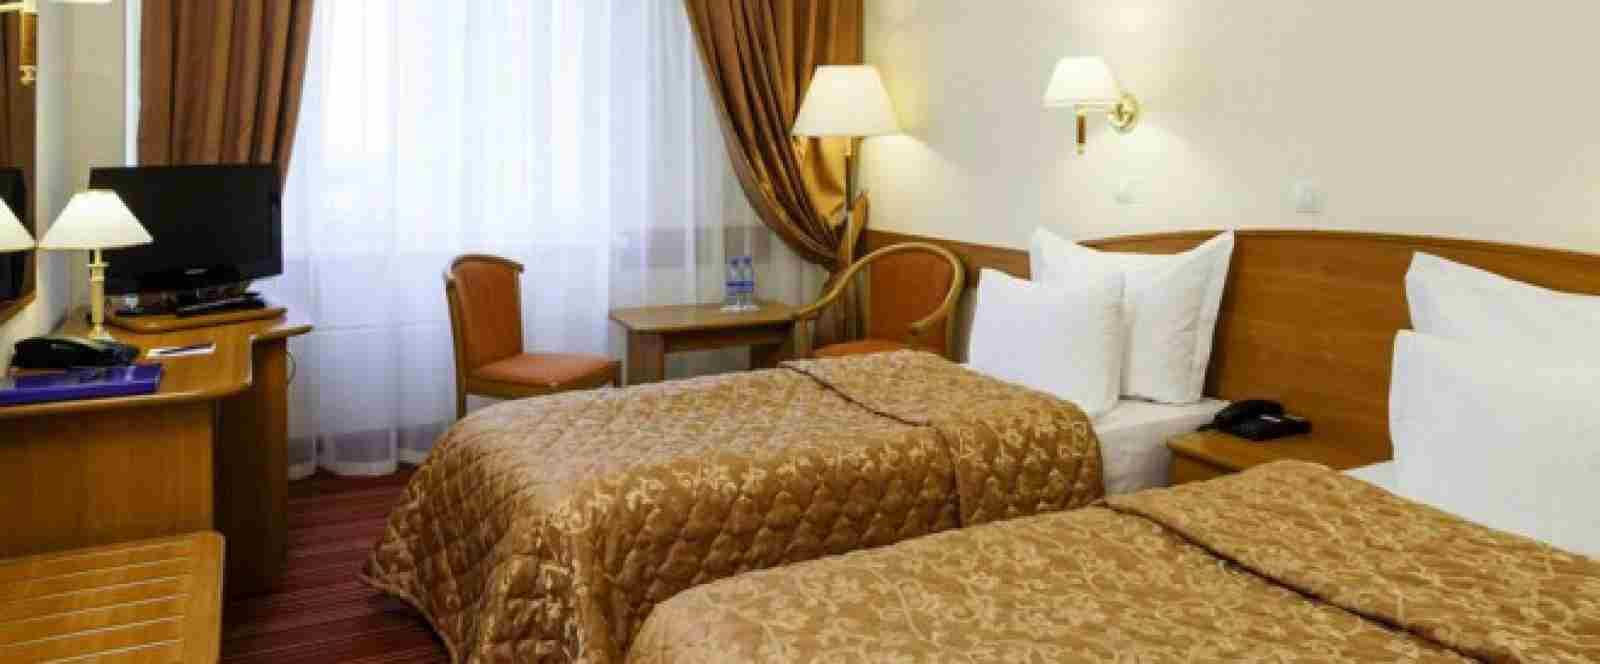 3-комнатная квартира по суткам в Речице от 45 тыс. за 1 чел. в сутки. Фото